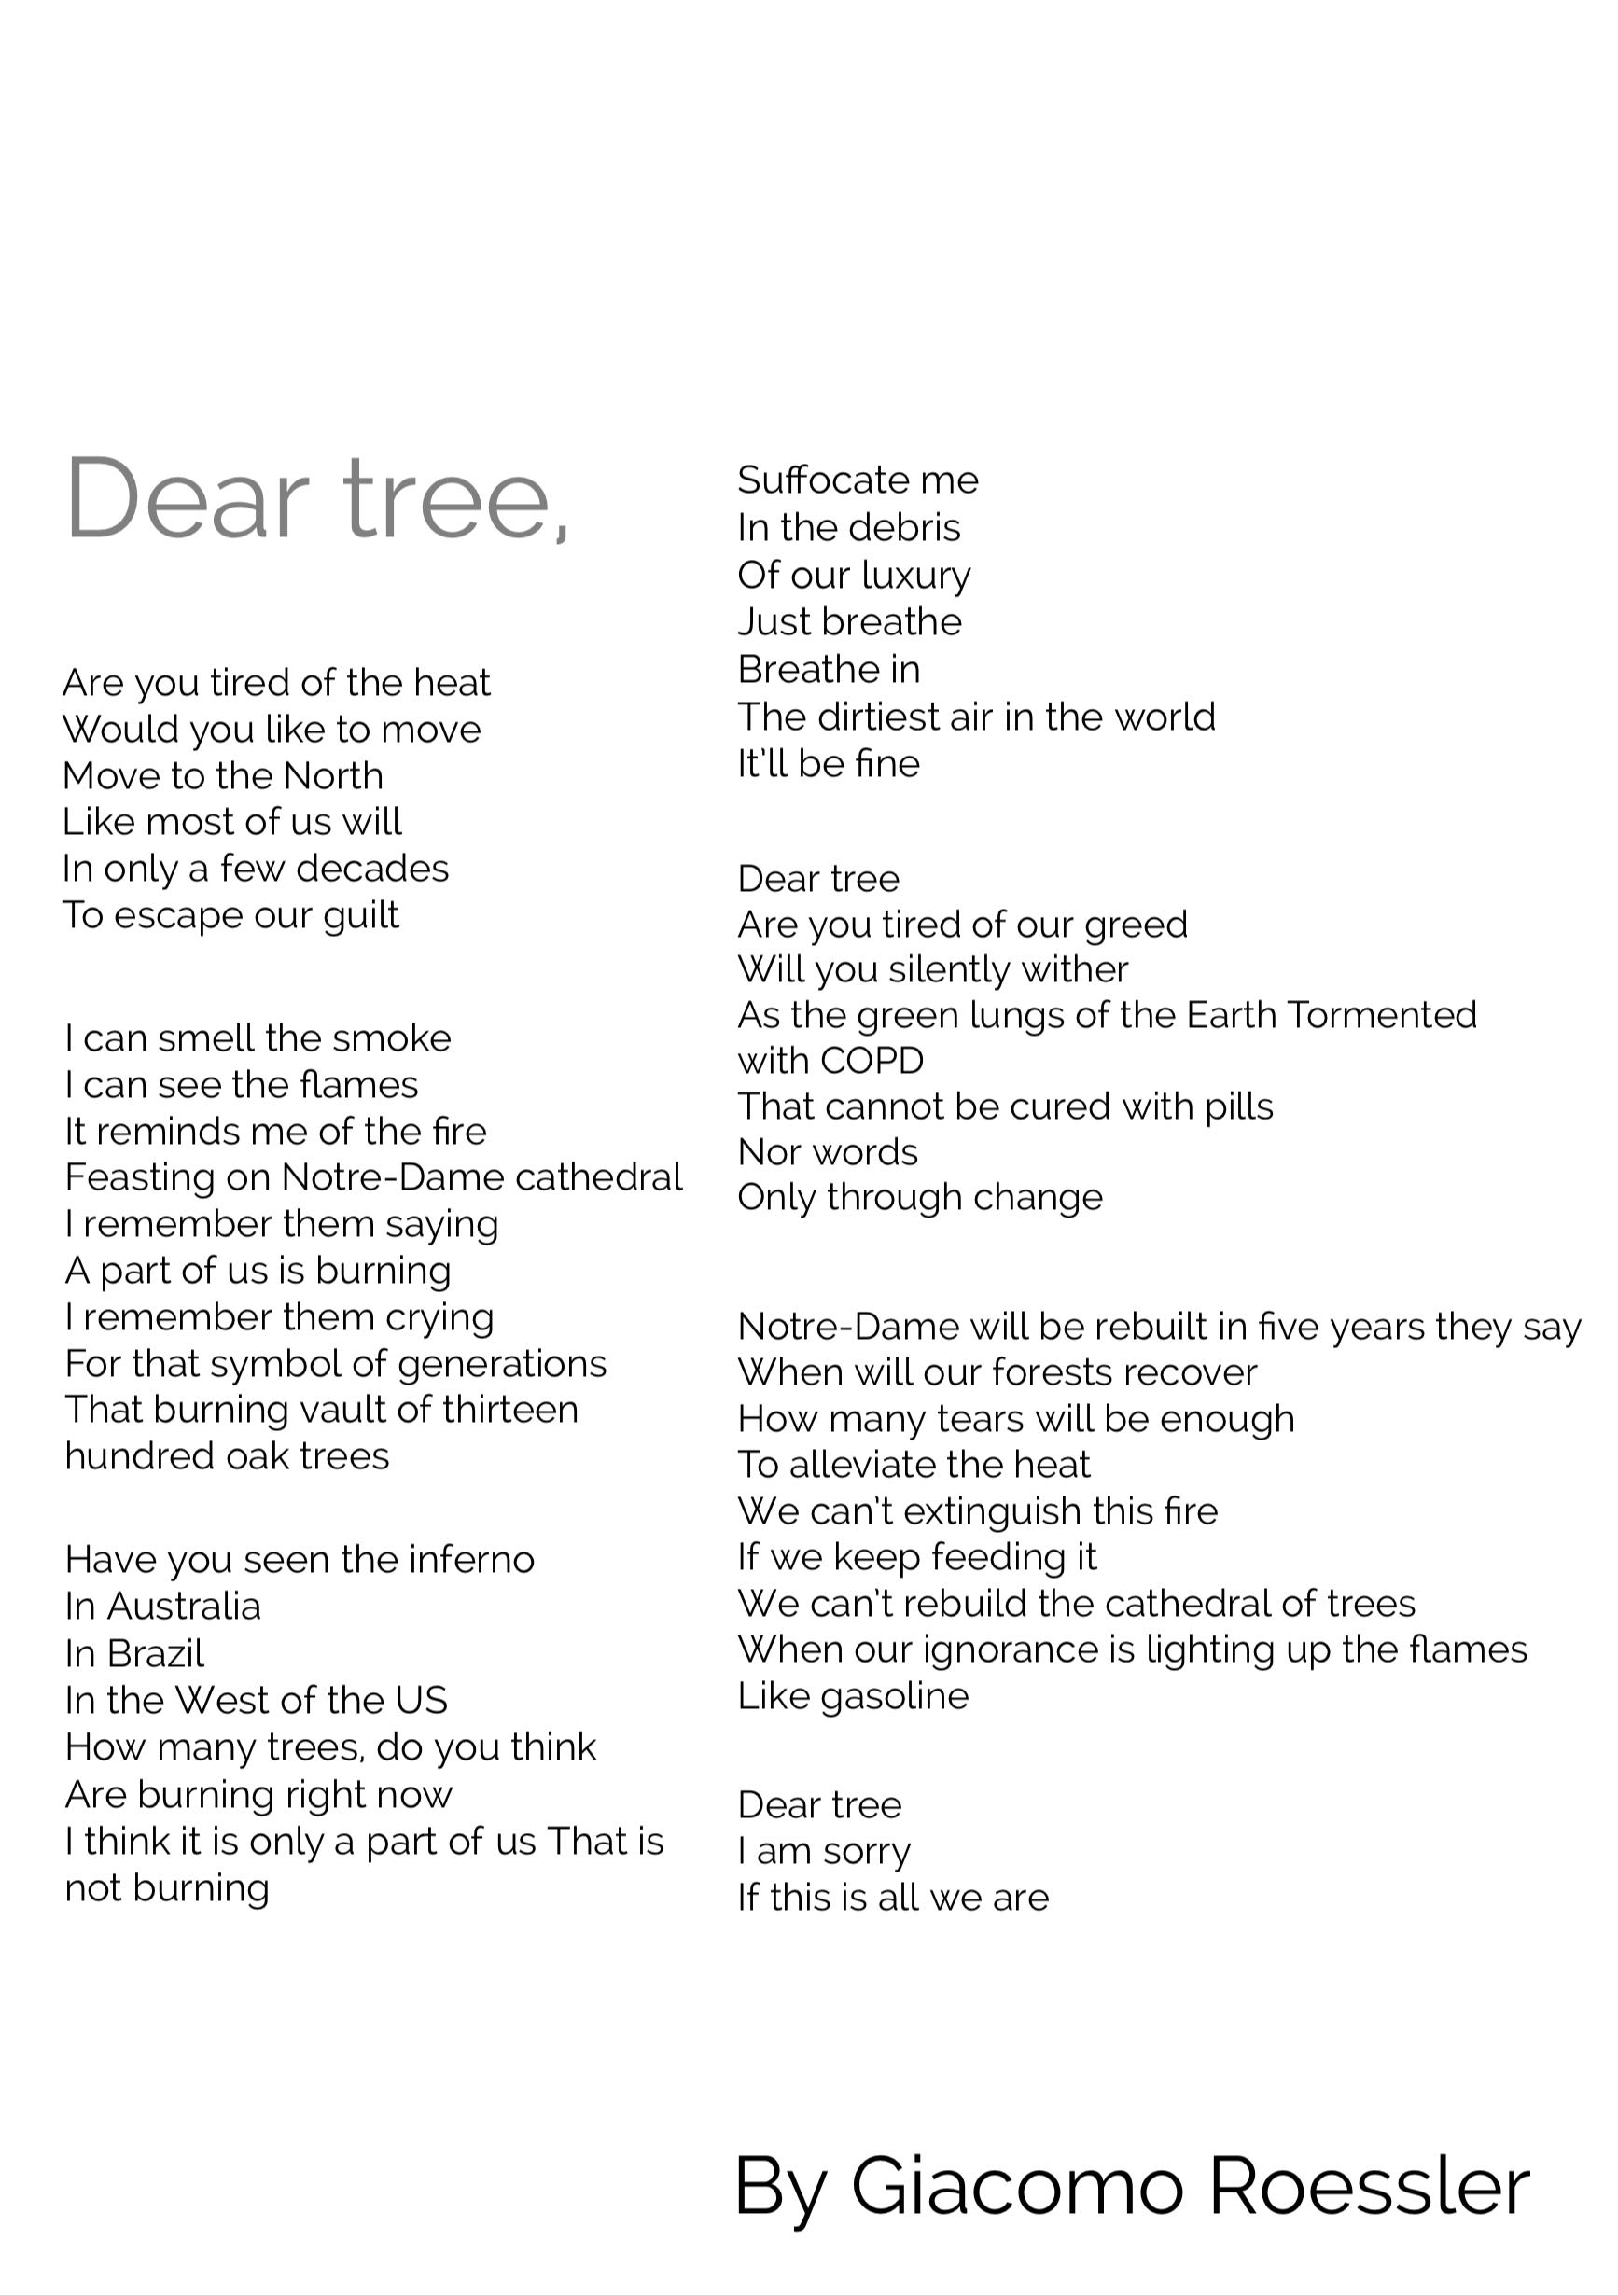 Giacomo Roessler 'Dear tree,'